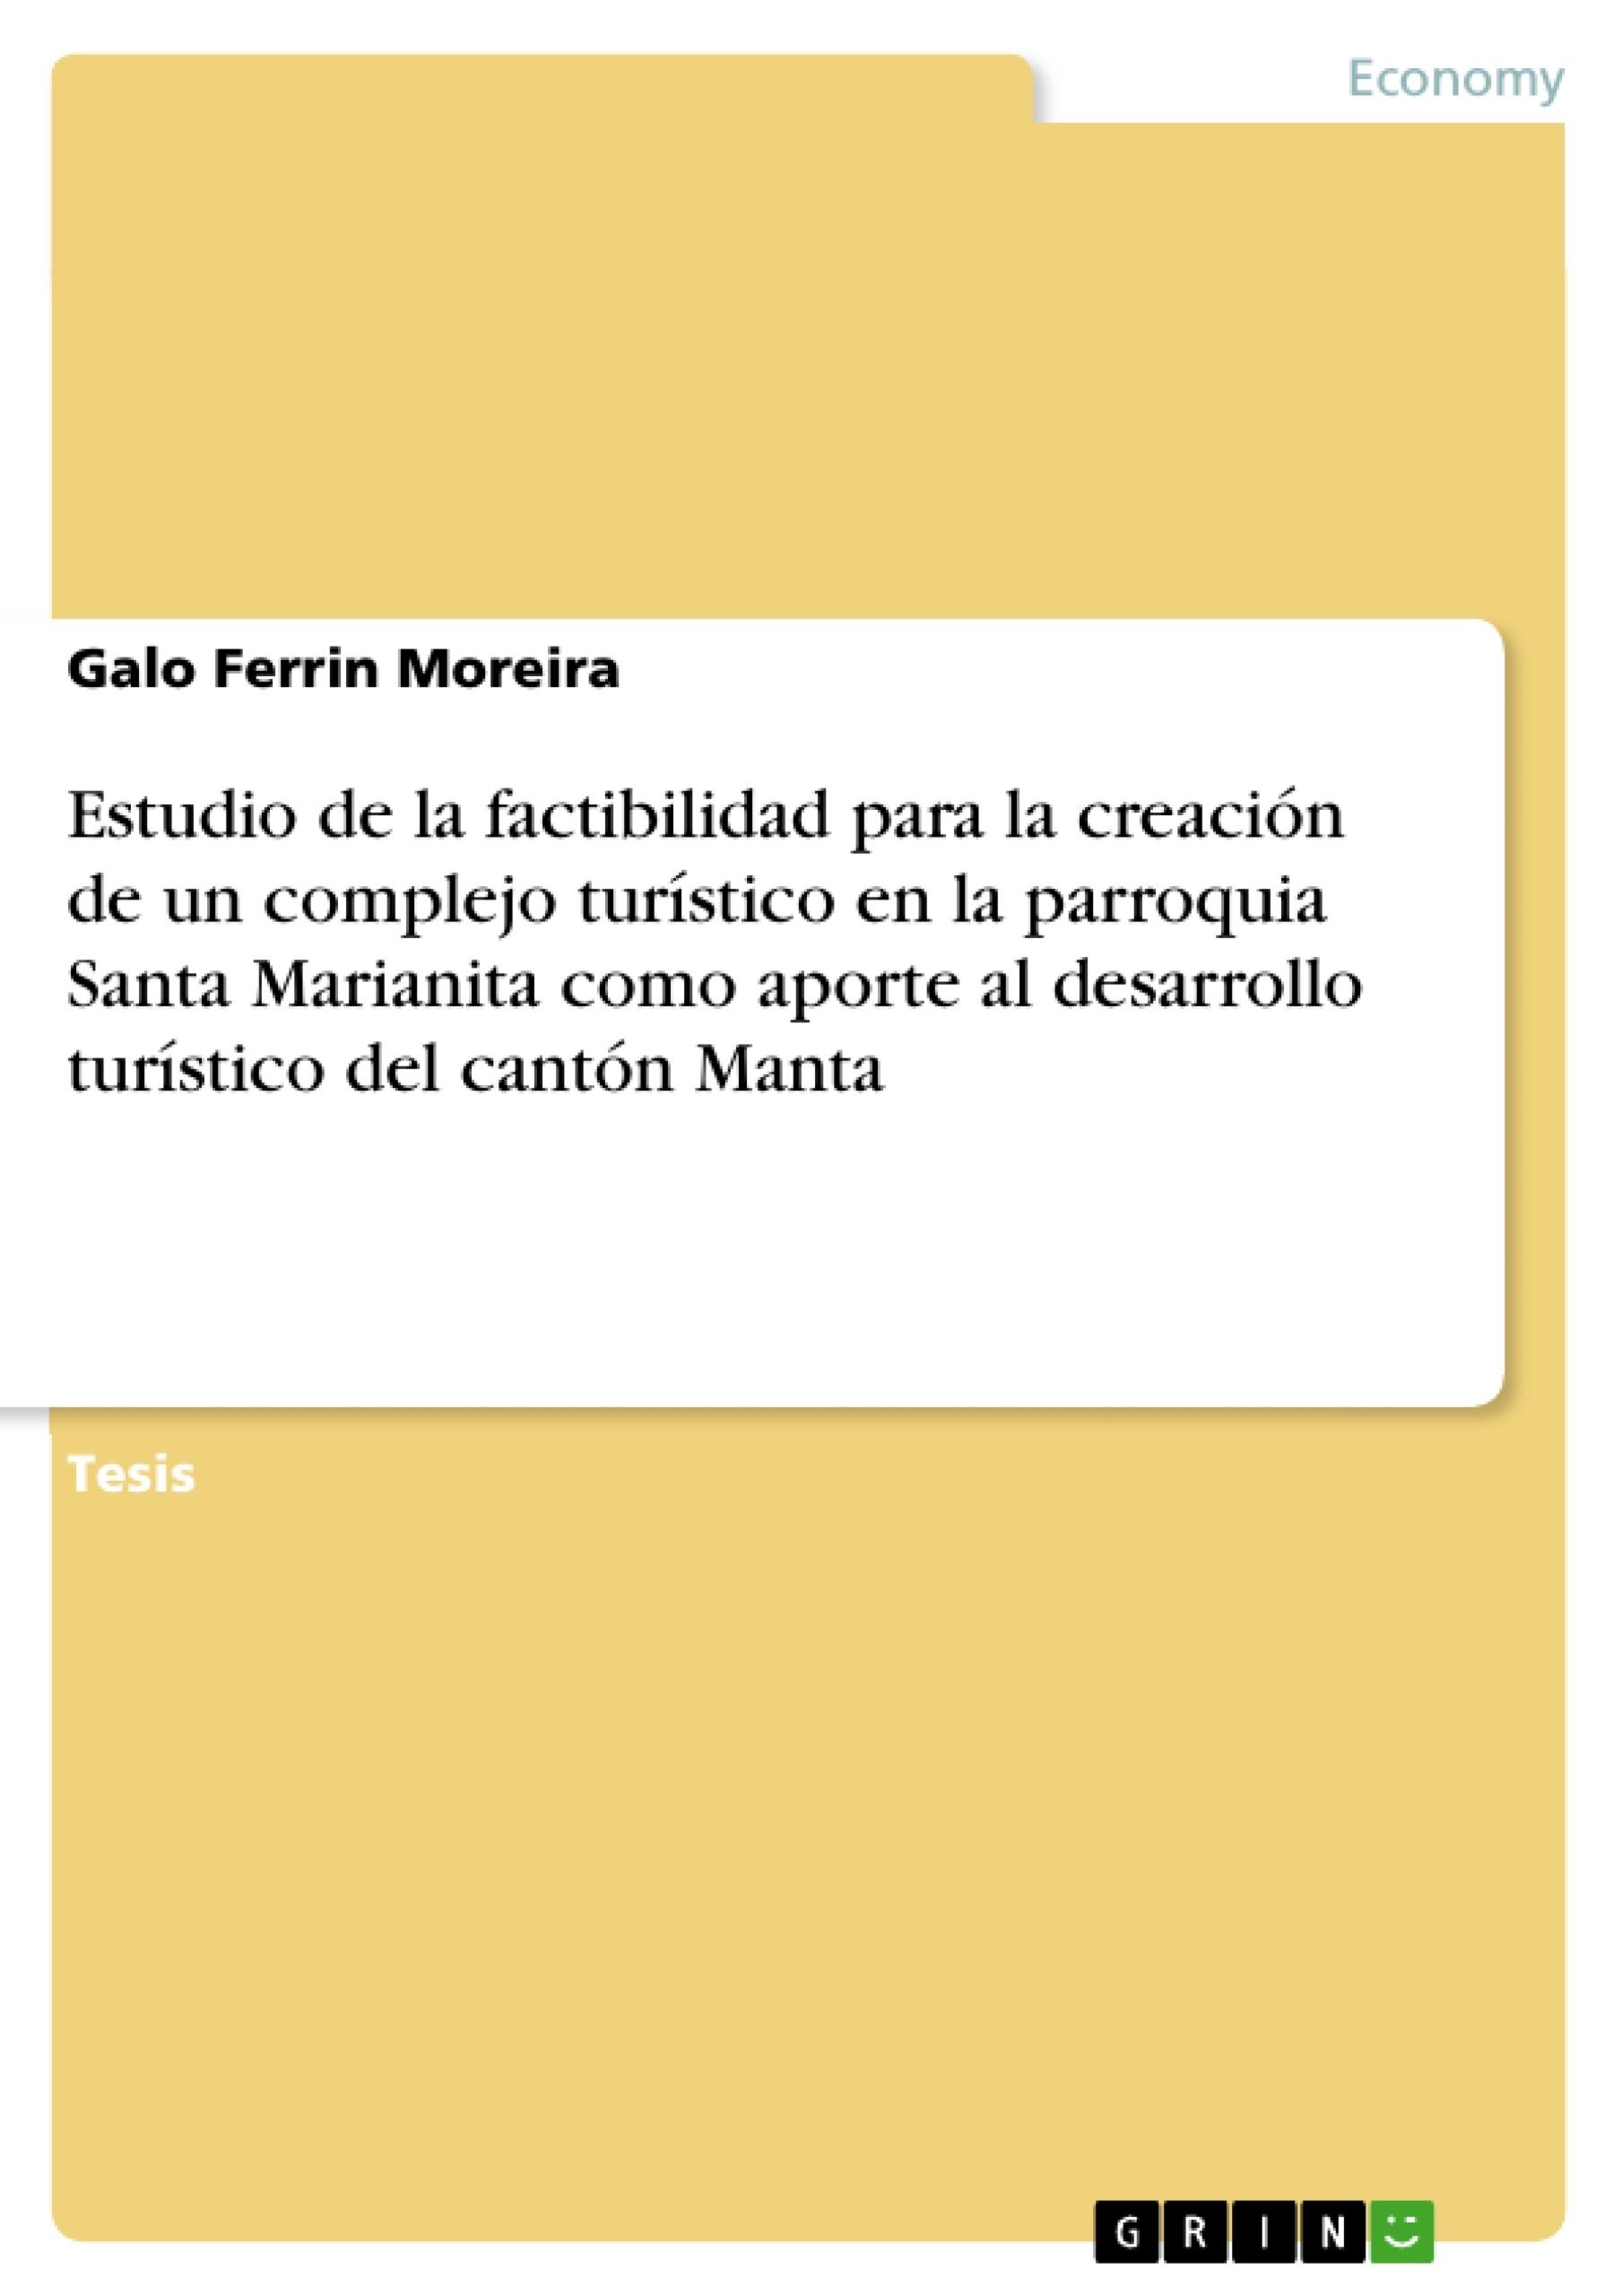 Título: Estudio de la factibilidad para la creación de un complejo turístico en la parroquia Santa Marianita como aporte al desarrollo turístico del cantón Manta